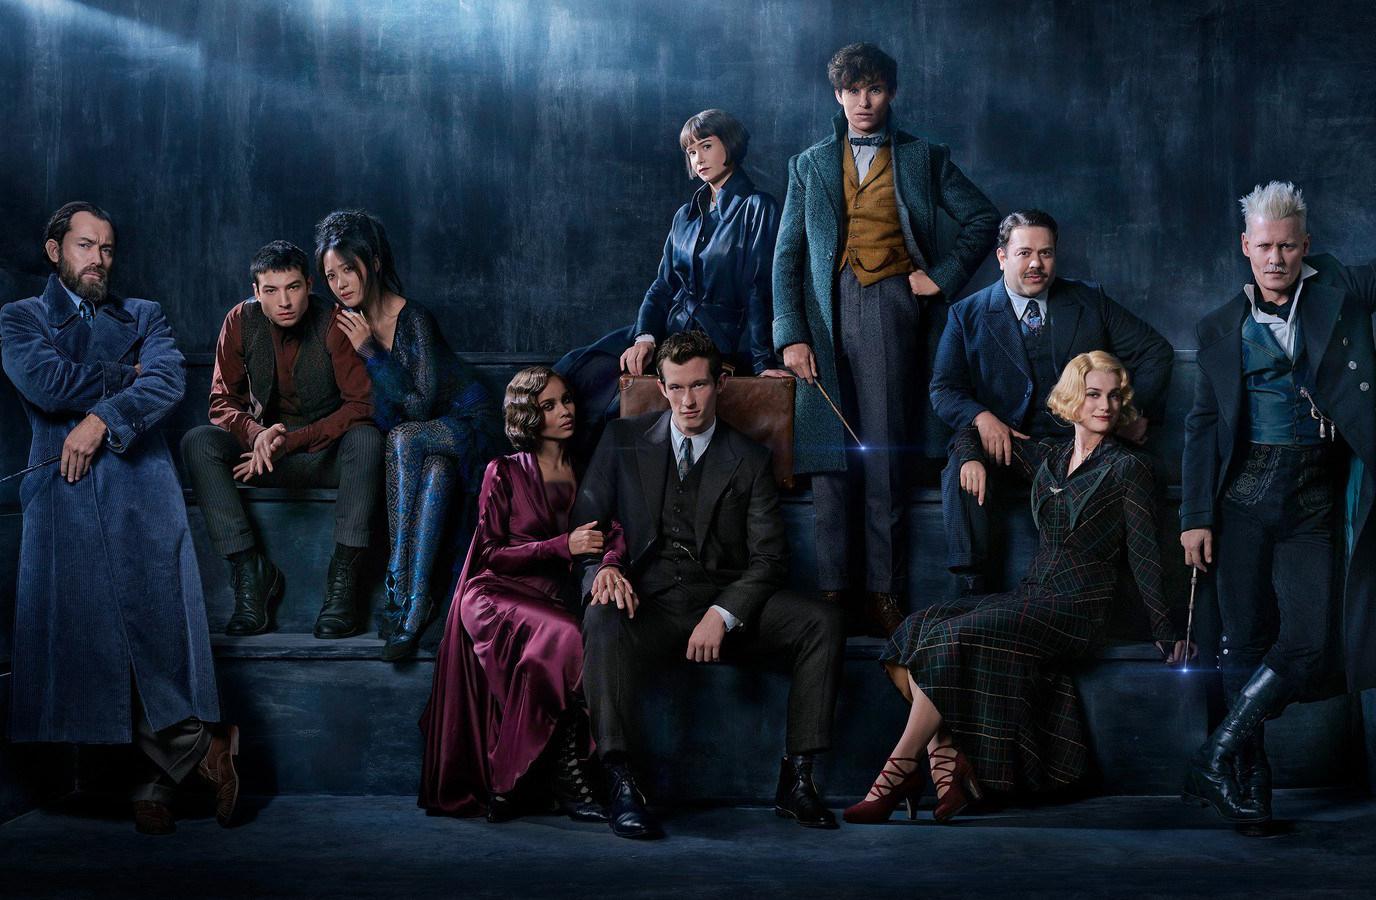 Fantastic Beasts: عکسهای جدیدی از گریندلوالد با بازی جانی دپ و جود لا در نقش دامبلدور